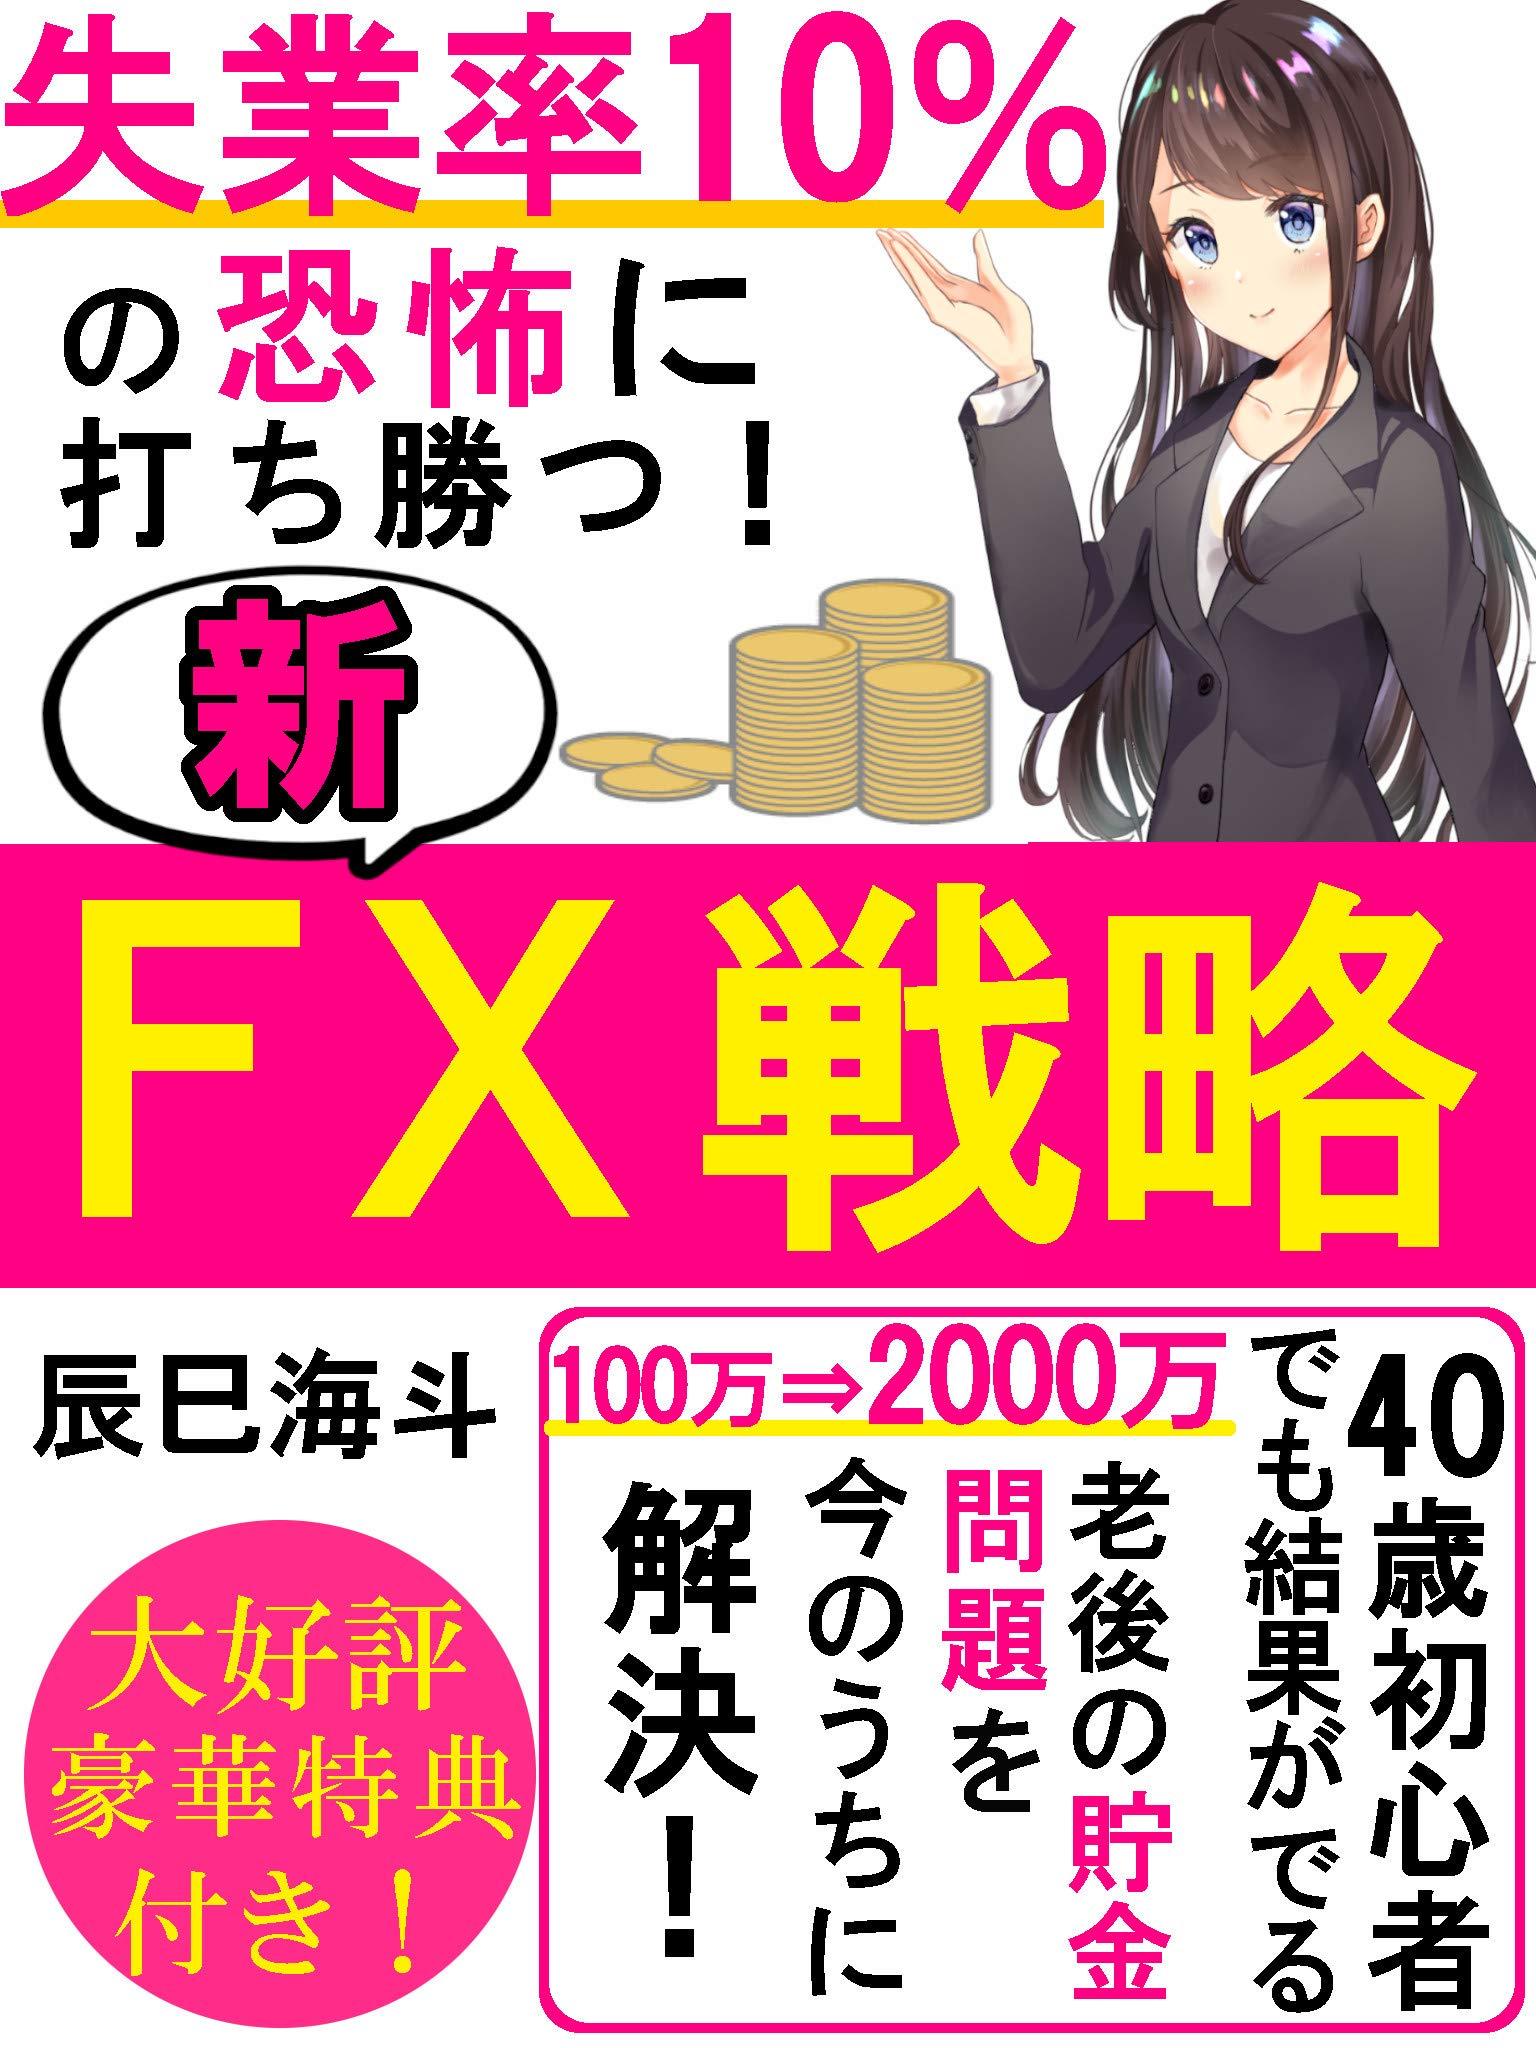 situgyourituzyuppasenntonokyouhuniutikatusinnfxsennryaku (Japanese Edition)